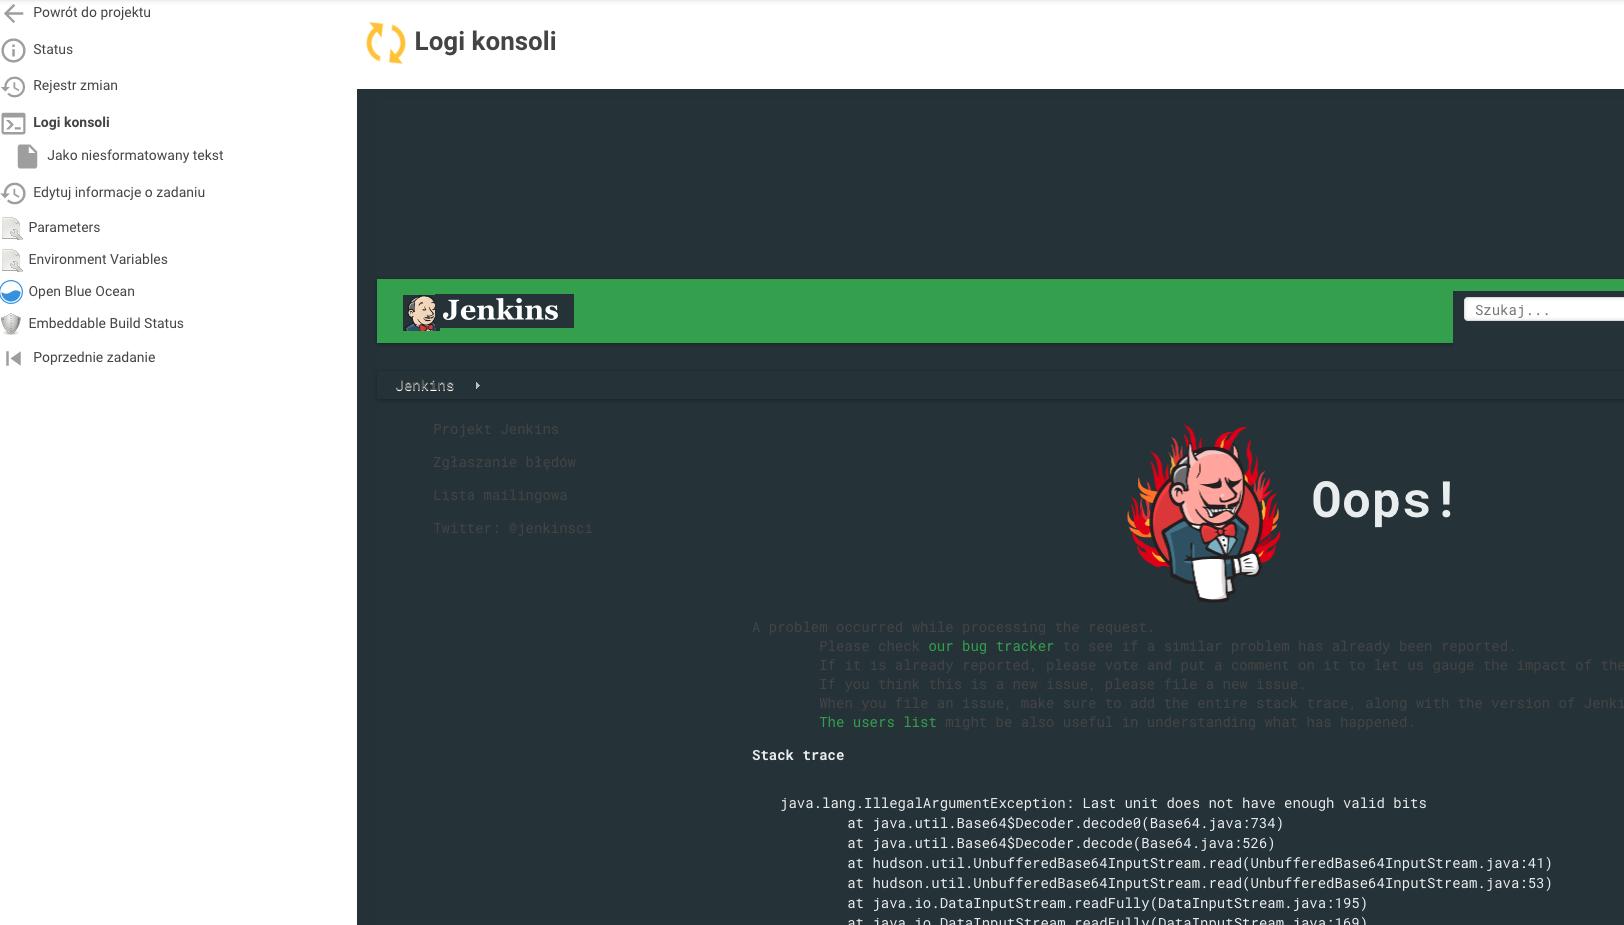 JENKINS-49836] Cannot view Console logs - Jenkins JIRA